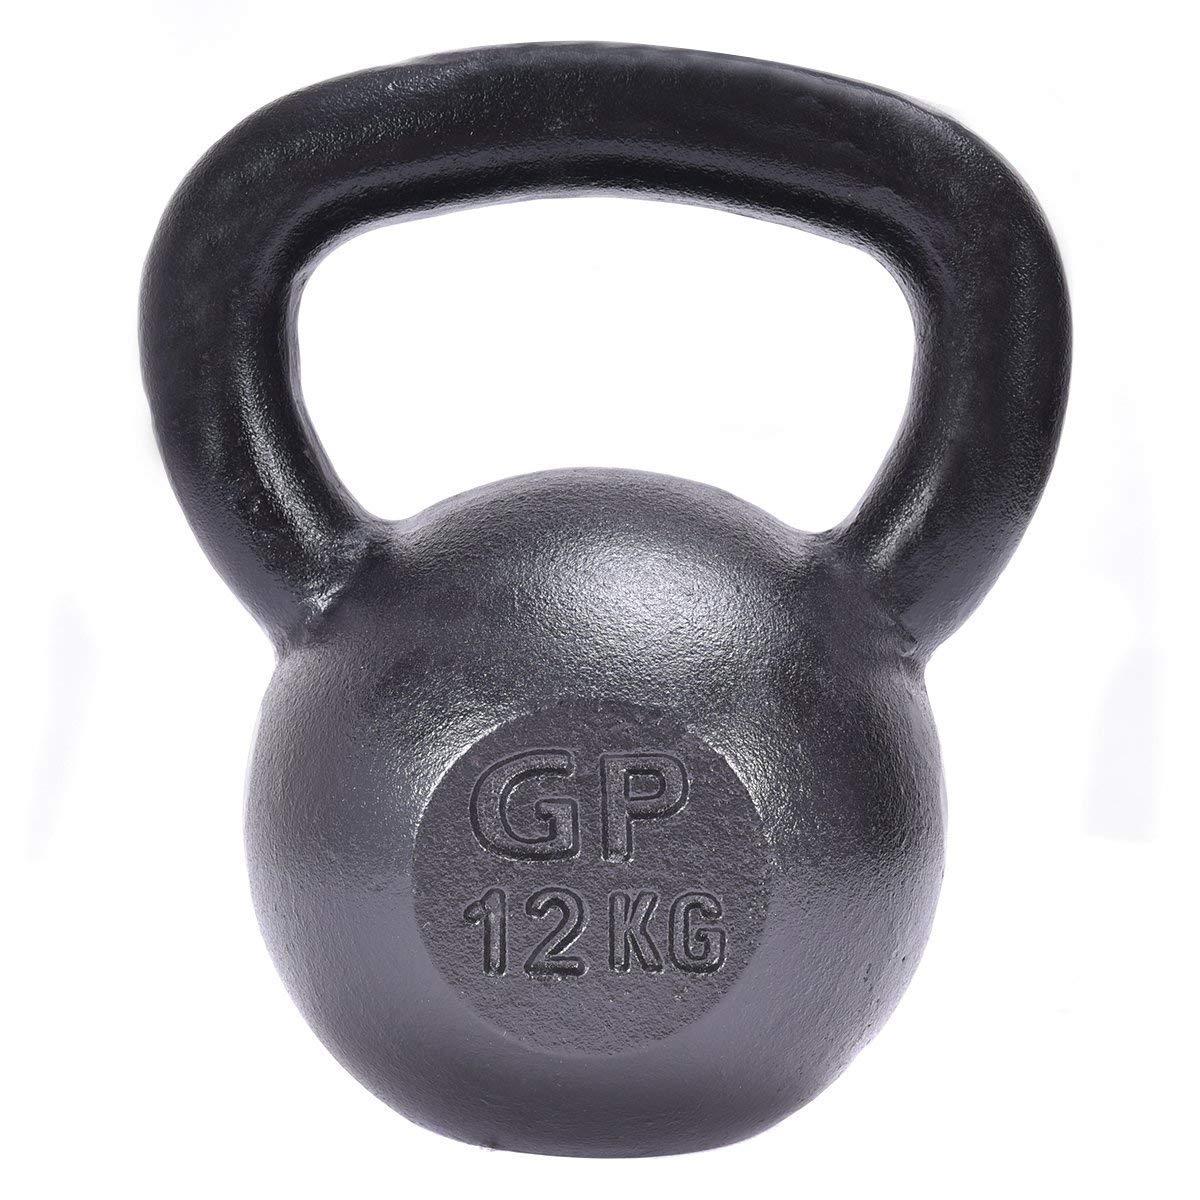 Yoga 12 kg Colore in Nero Opaco Allenamento per Donna e Uomo Ideale per Sport Ginnastica Fitness Costway Kettlebell per Allenamento in Ghisa